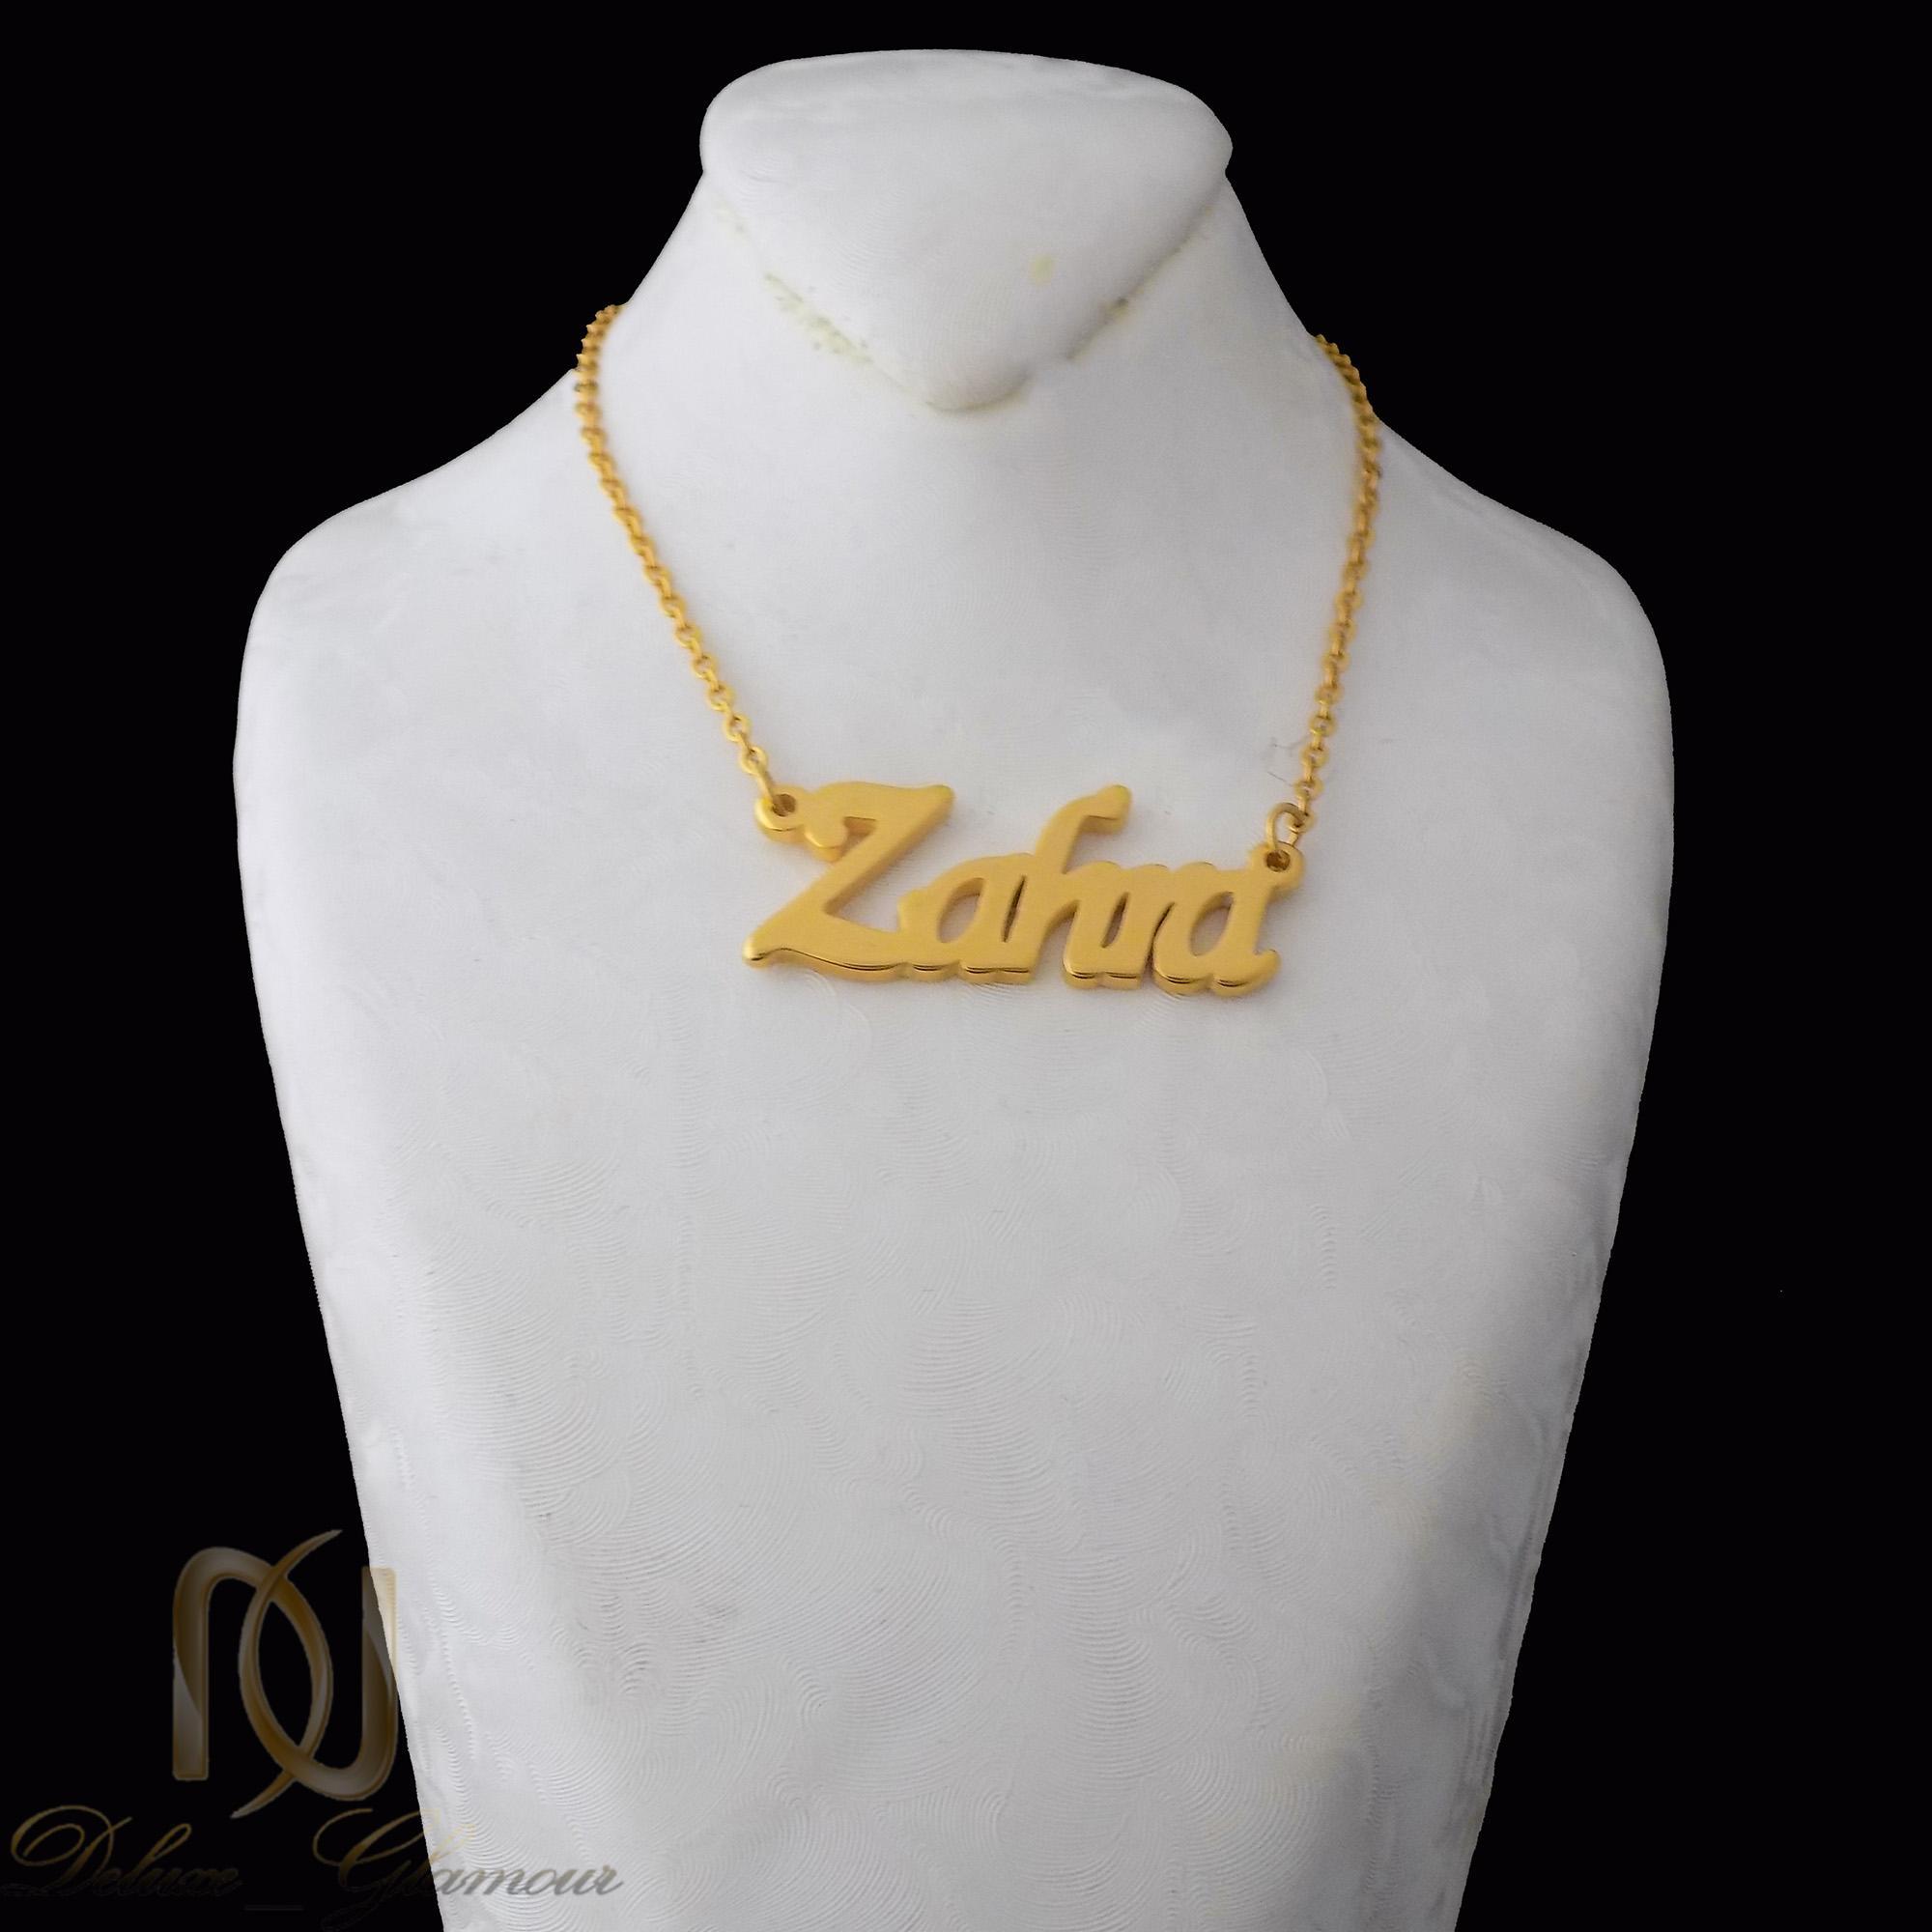 گردنبند اسم زهرا استیل لاتین طلایی nw-n495